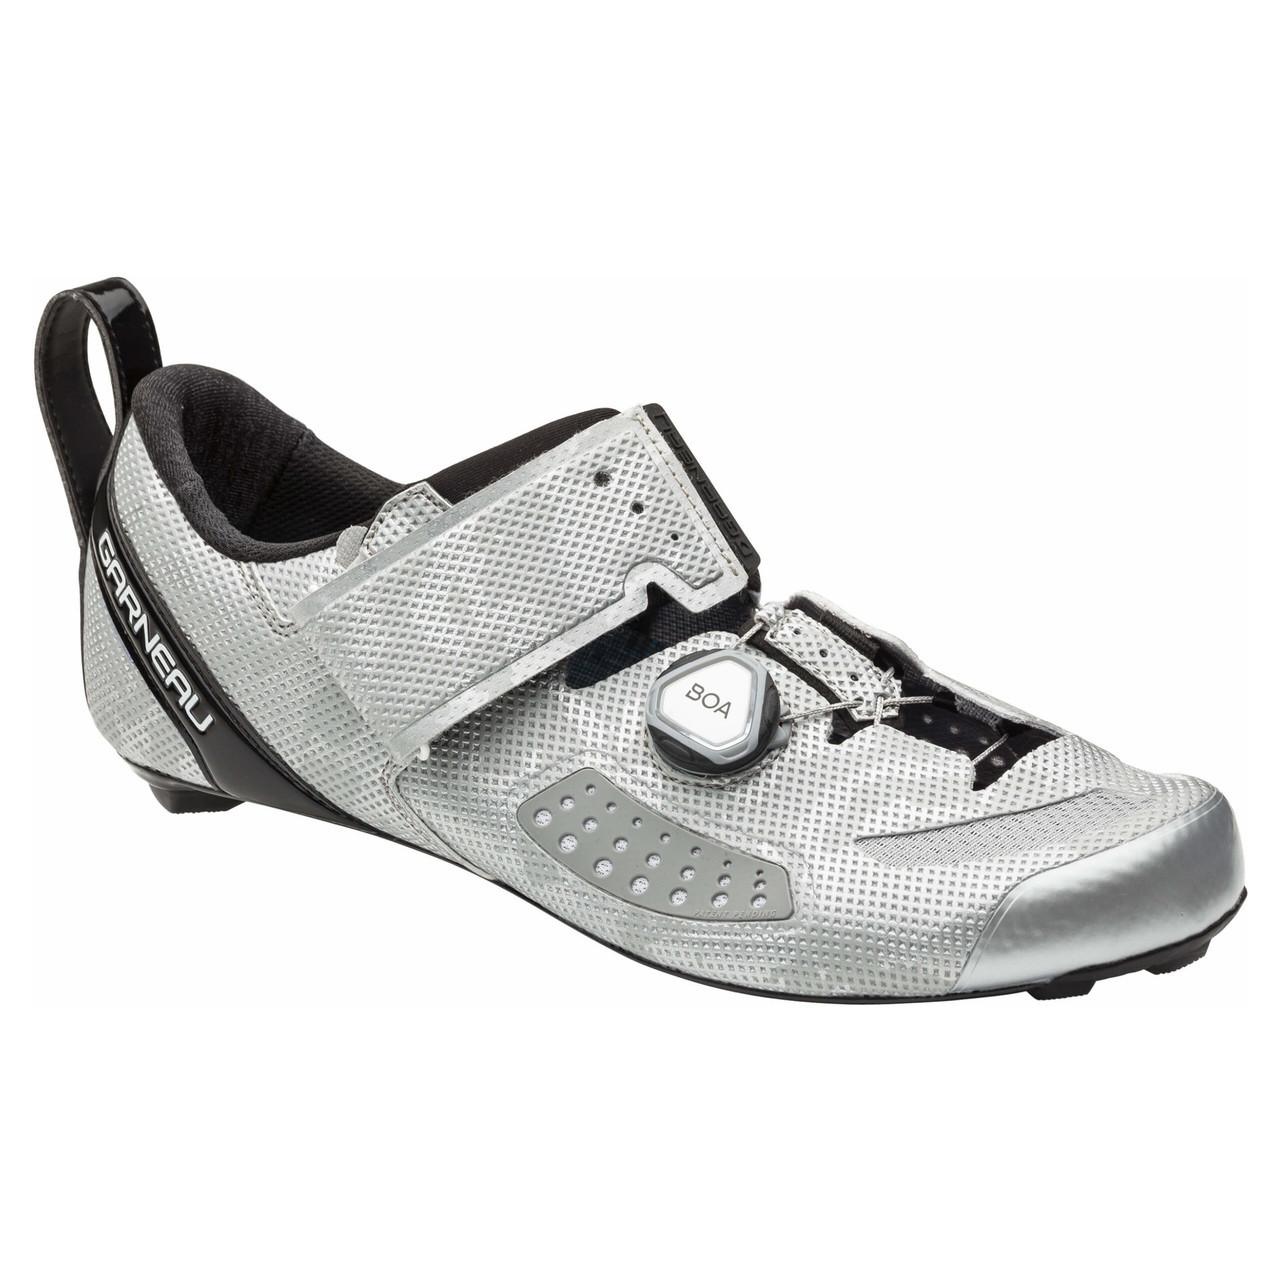 Louis Garneau Tri Air Lite Cycling Shoe - 2019 price